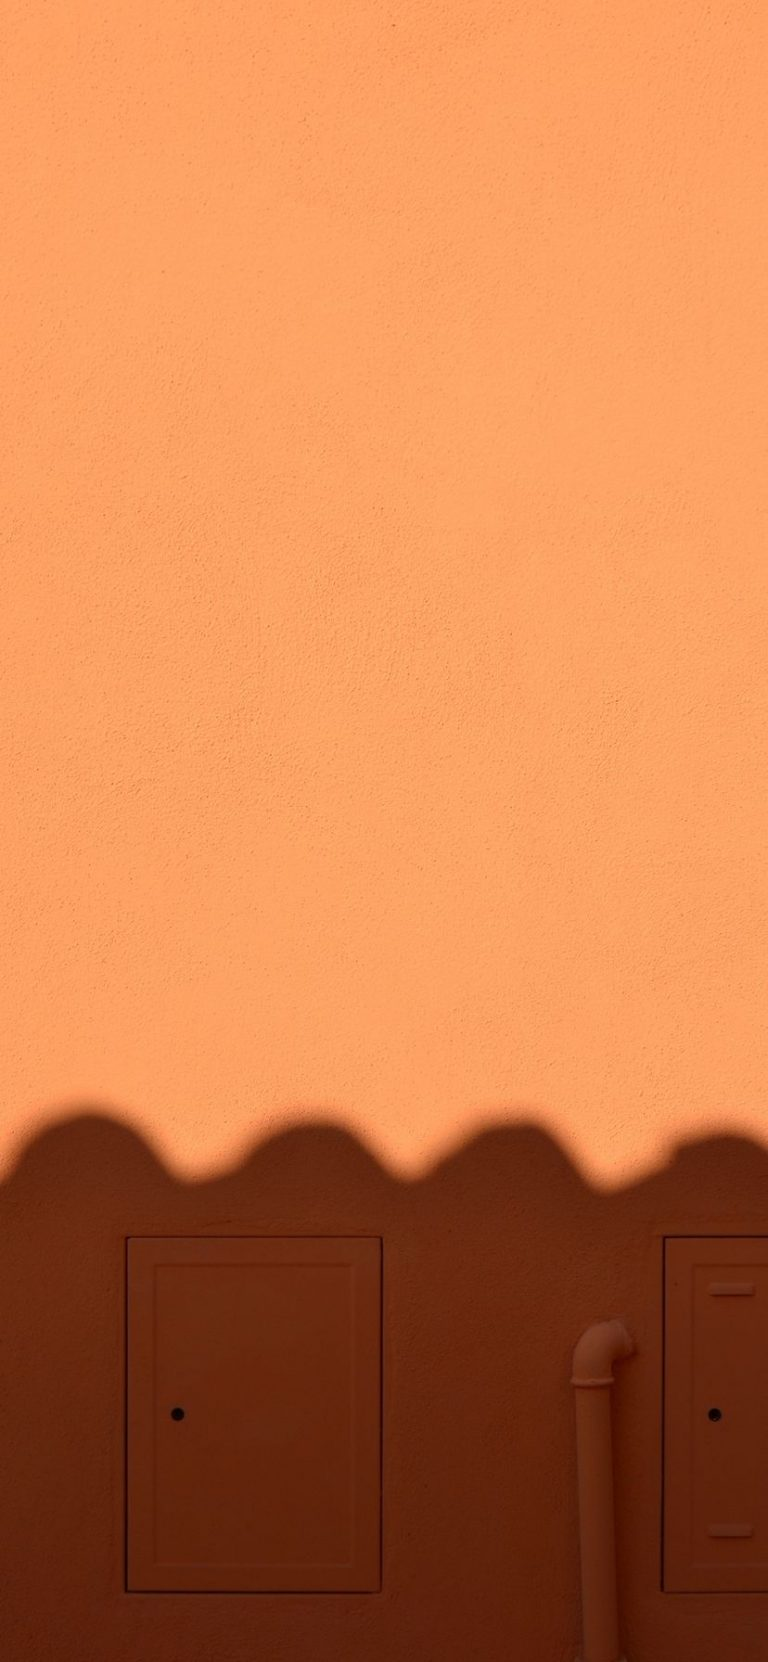 828x1792 Wallpaper 411 768x1662